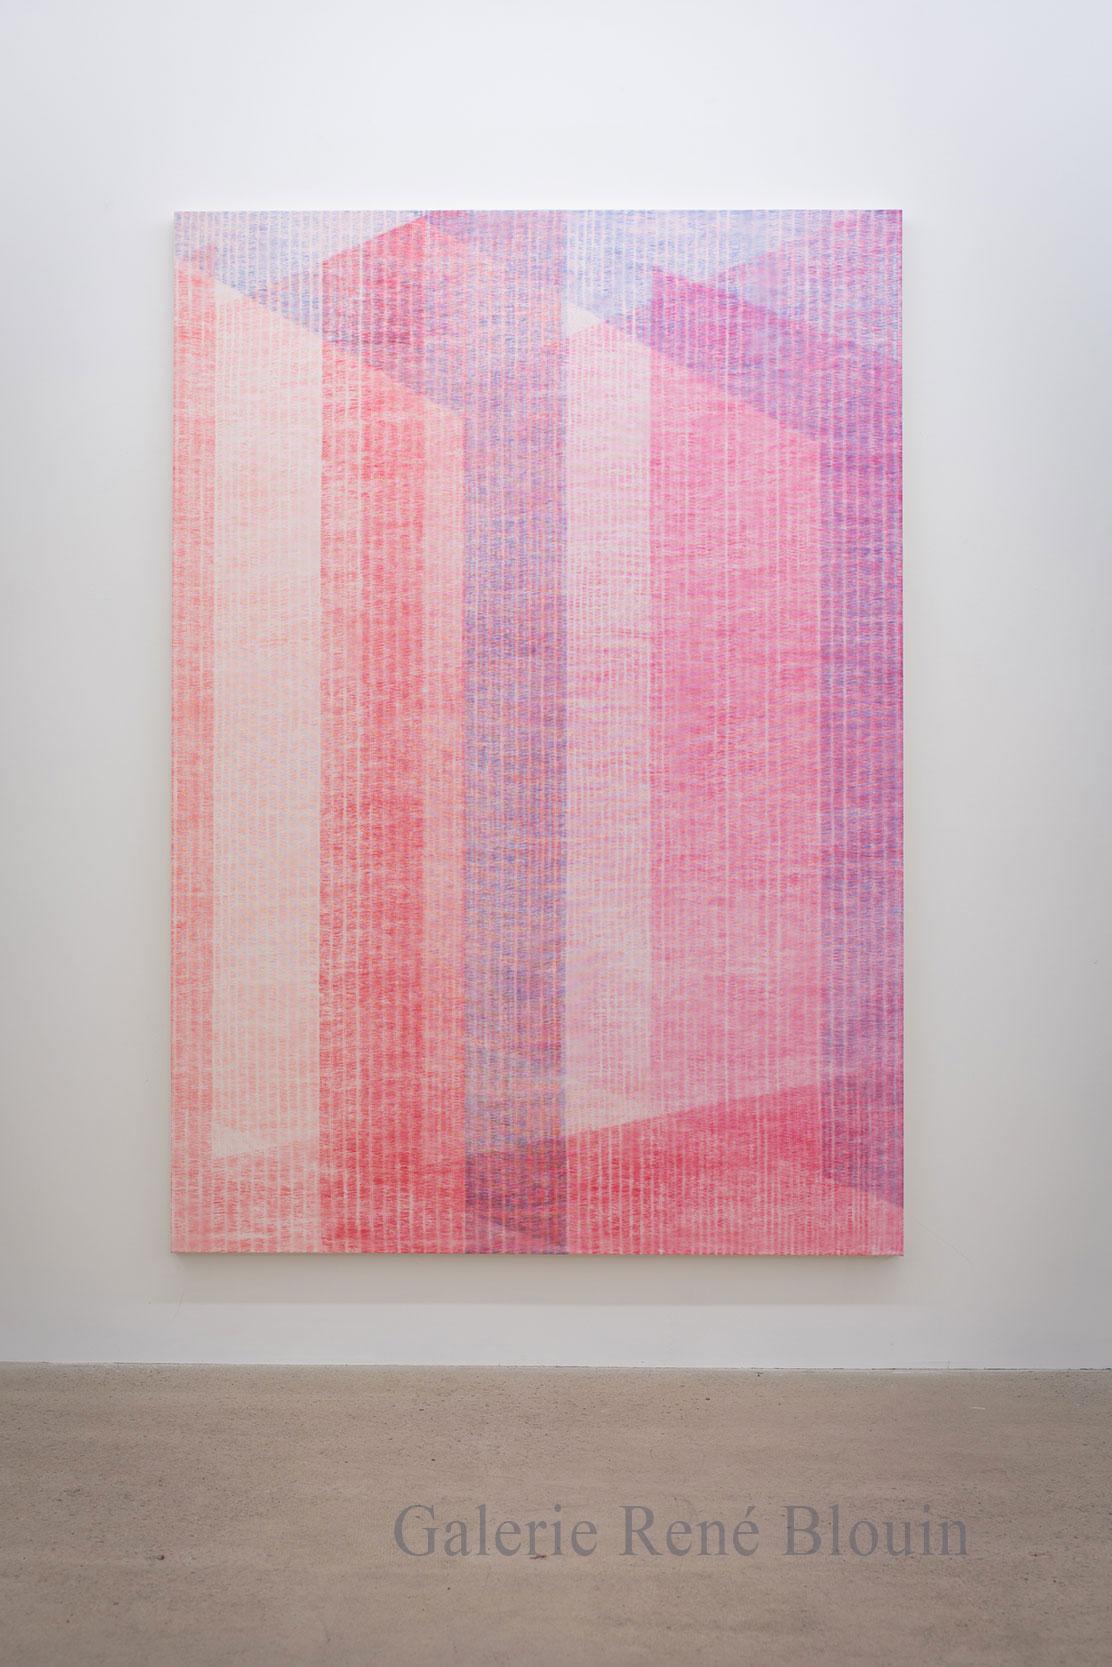 Marie-Claire Blais, Être la porte qui s'ouvre 3, 2016, acrylique sur toile, 221 x 152 cm /87 x 60 pouces. Photo : Marie-Claire Blais